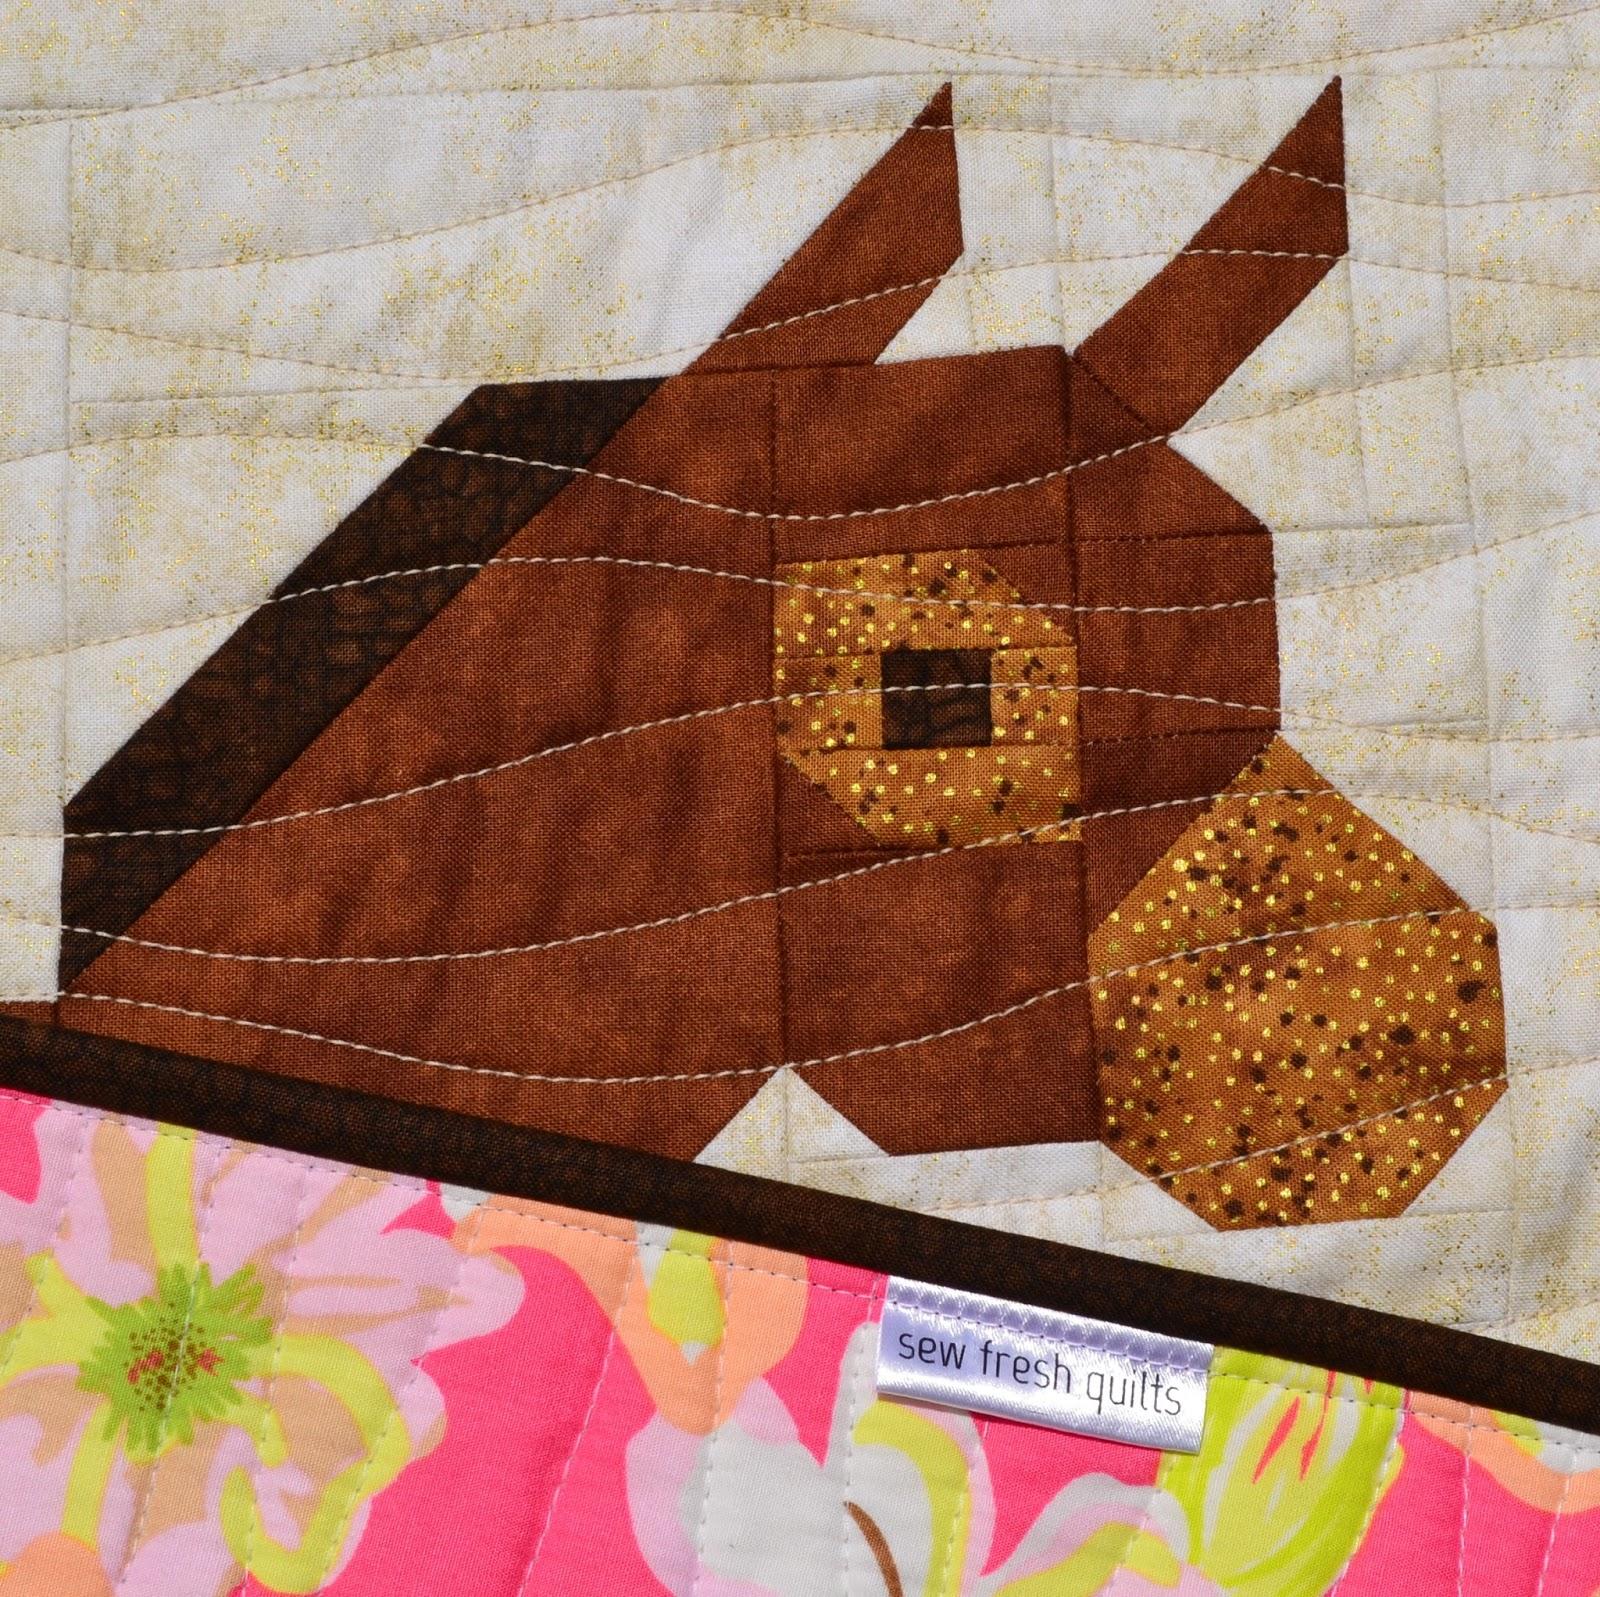 sew fresh quilts desert donkeys